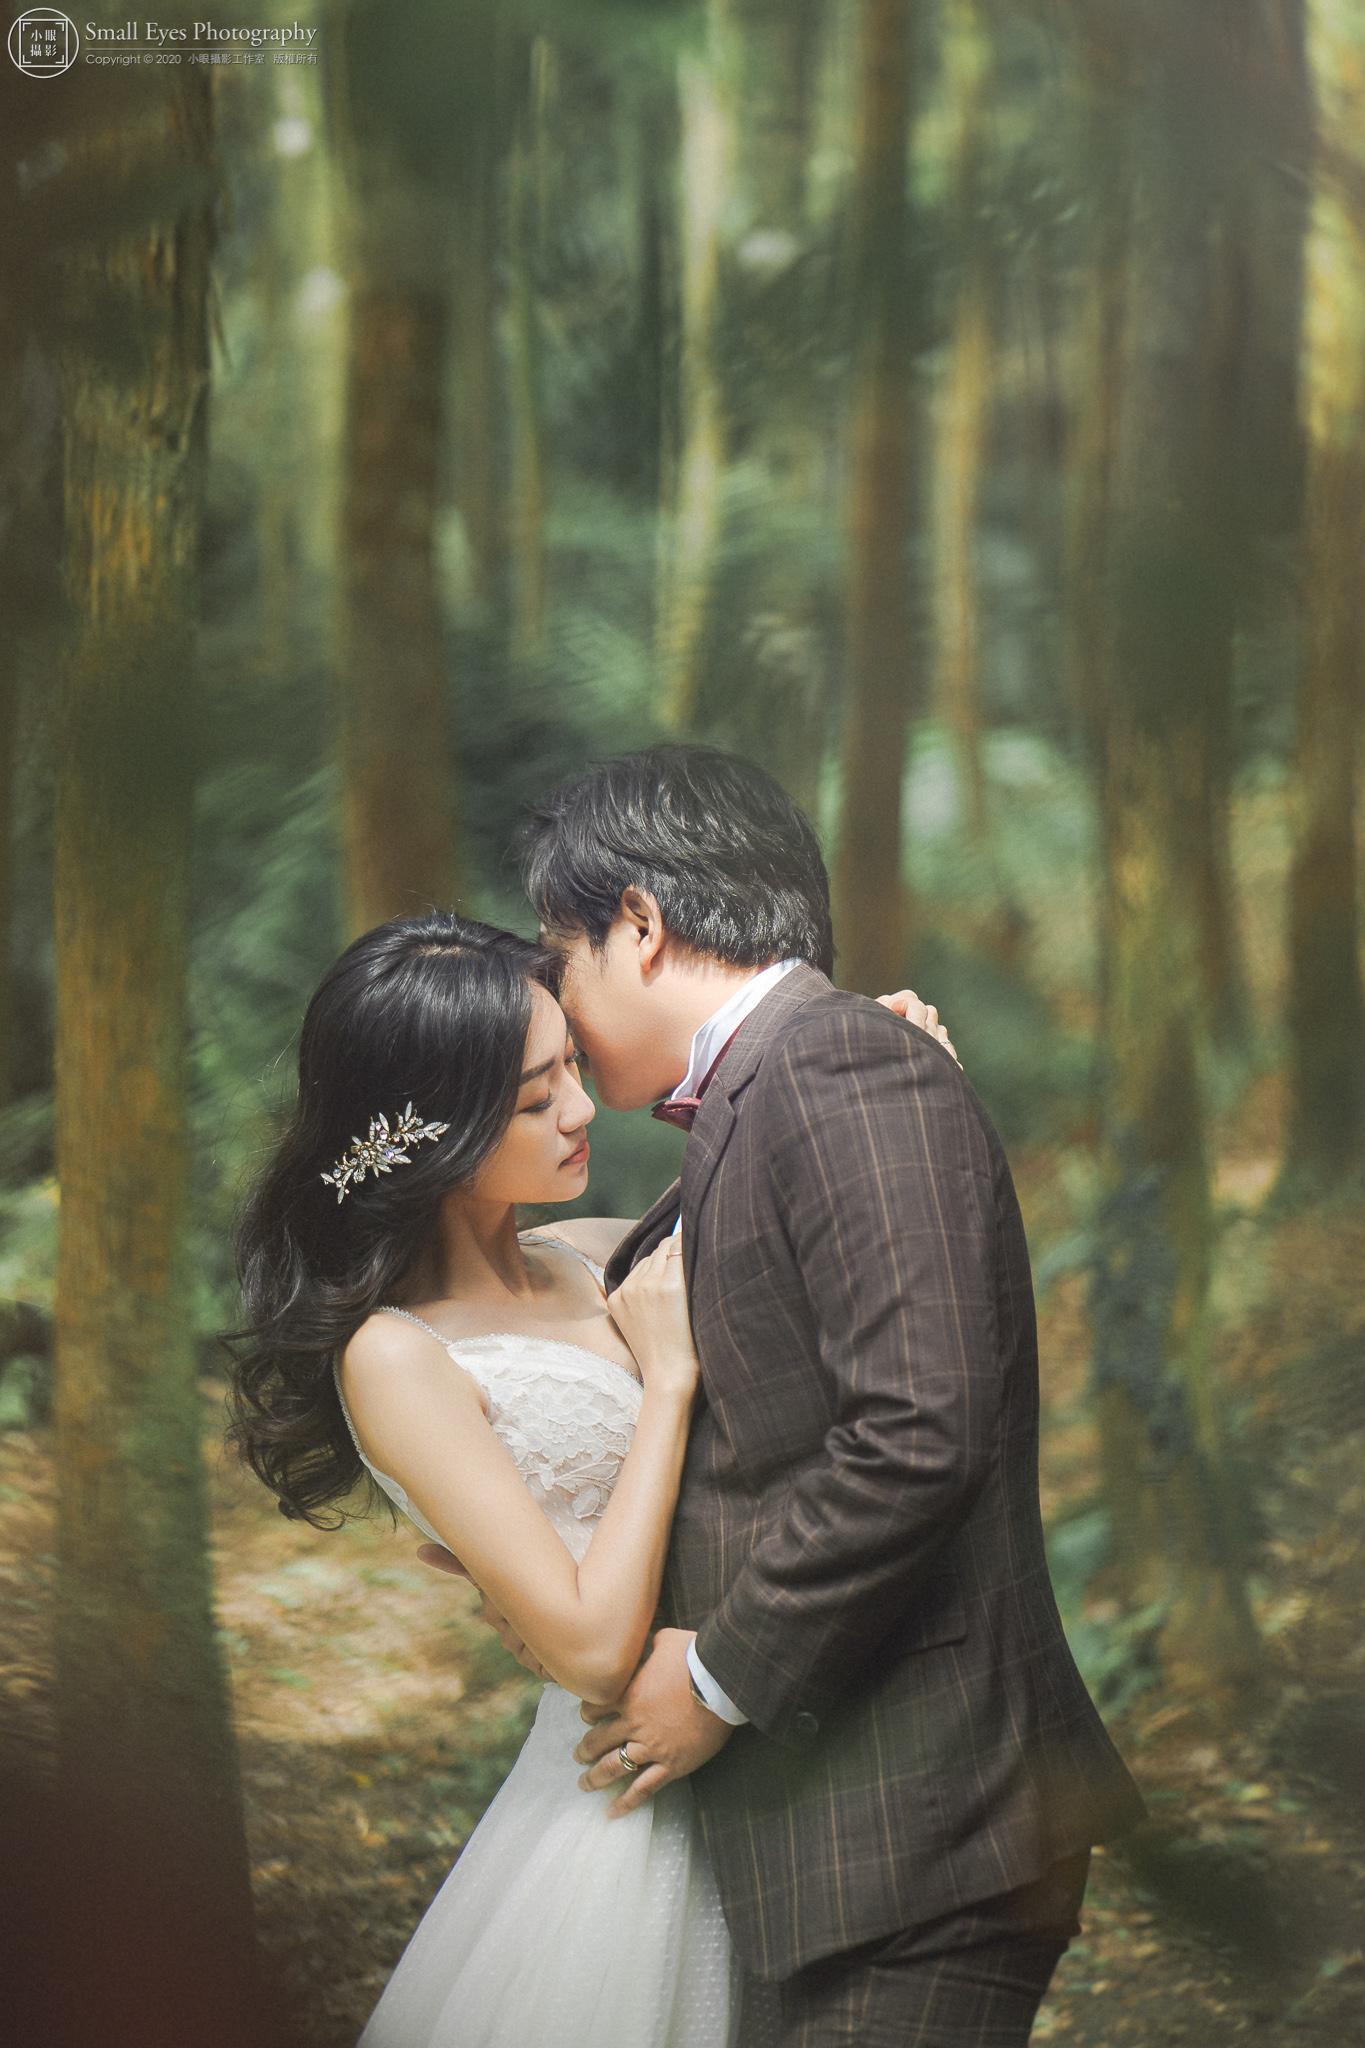 小眼攝影,婚紗攝影,婚攝,吉兒婚紗,新秘瓜瓜,自助婚紗,自主婚紗,台灣,台北,陽明山,森林